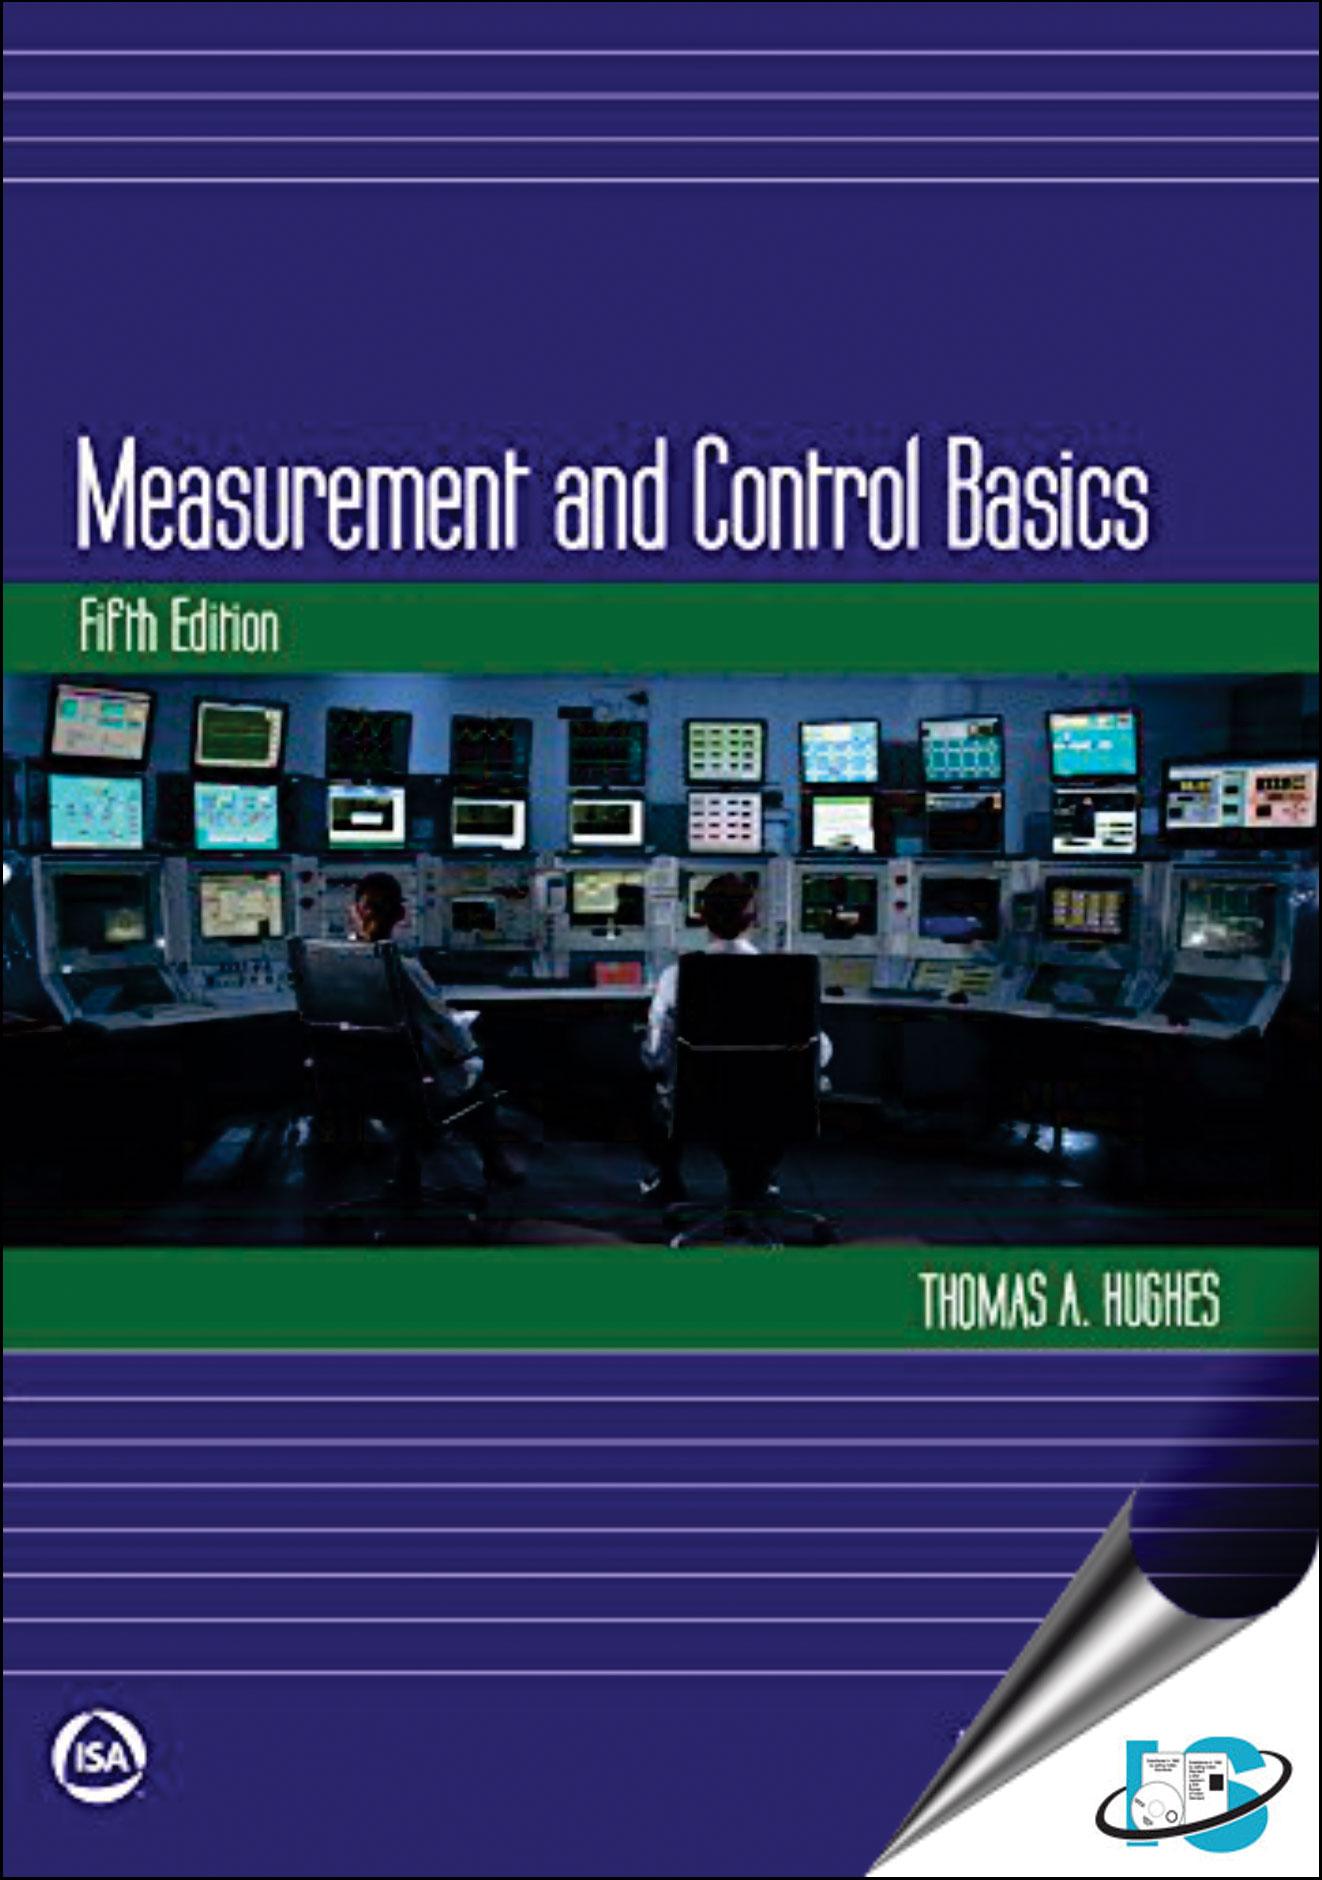 measurement and control basics 5th pdf